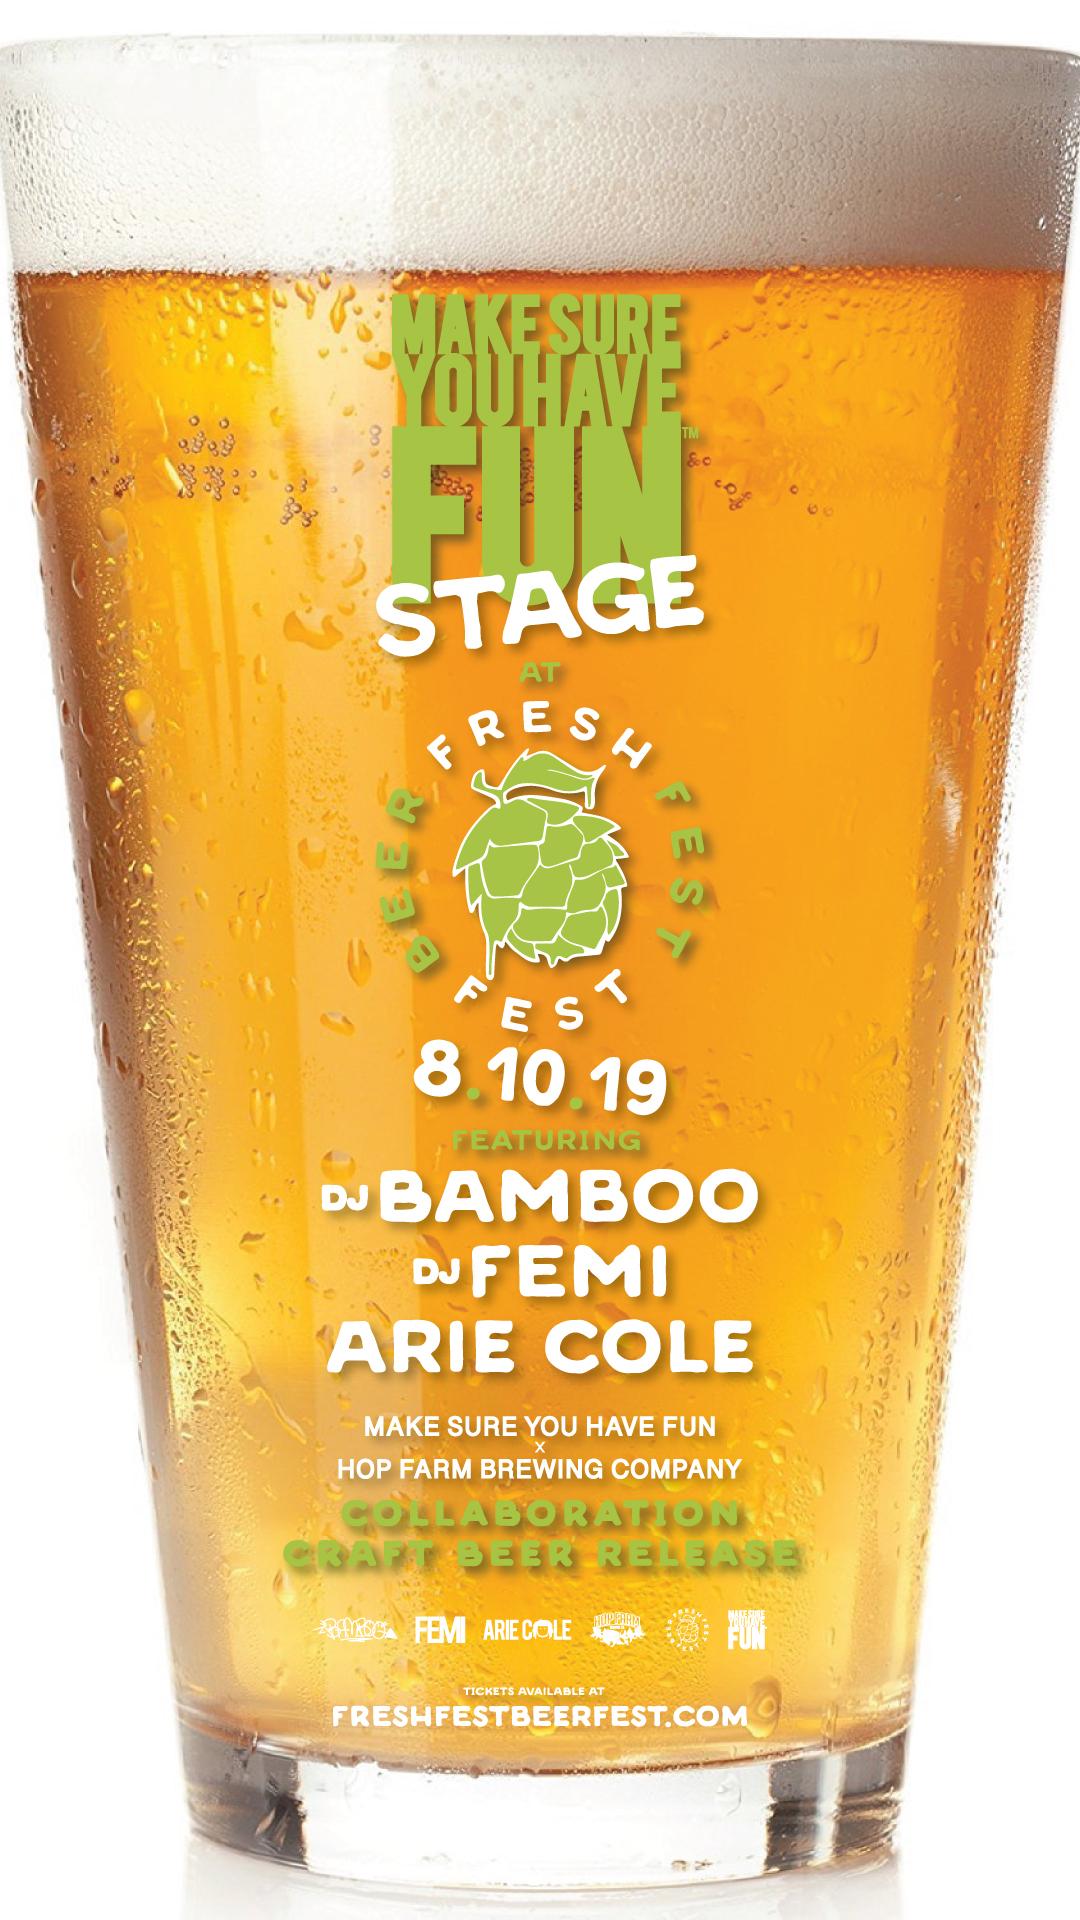 MSYHF-Stage-Fresh-Fest-Brew-Fest-IG-Story-Flyer.jpg